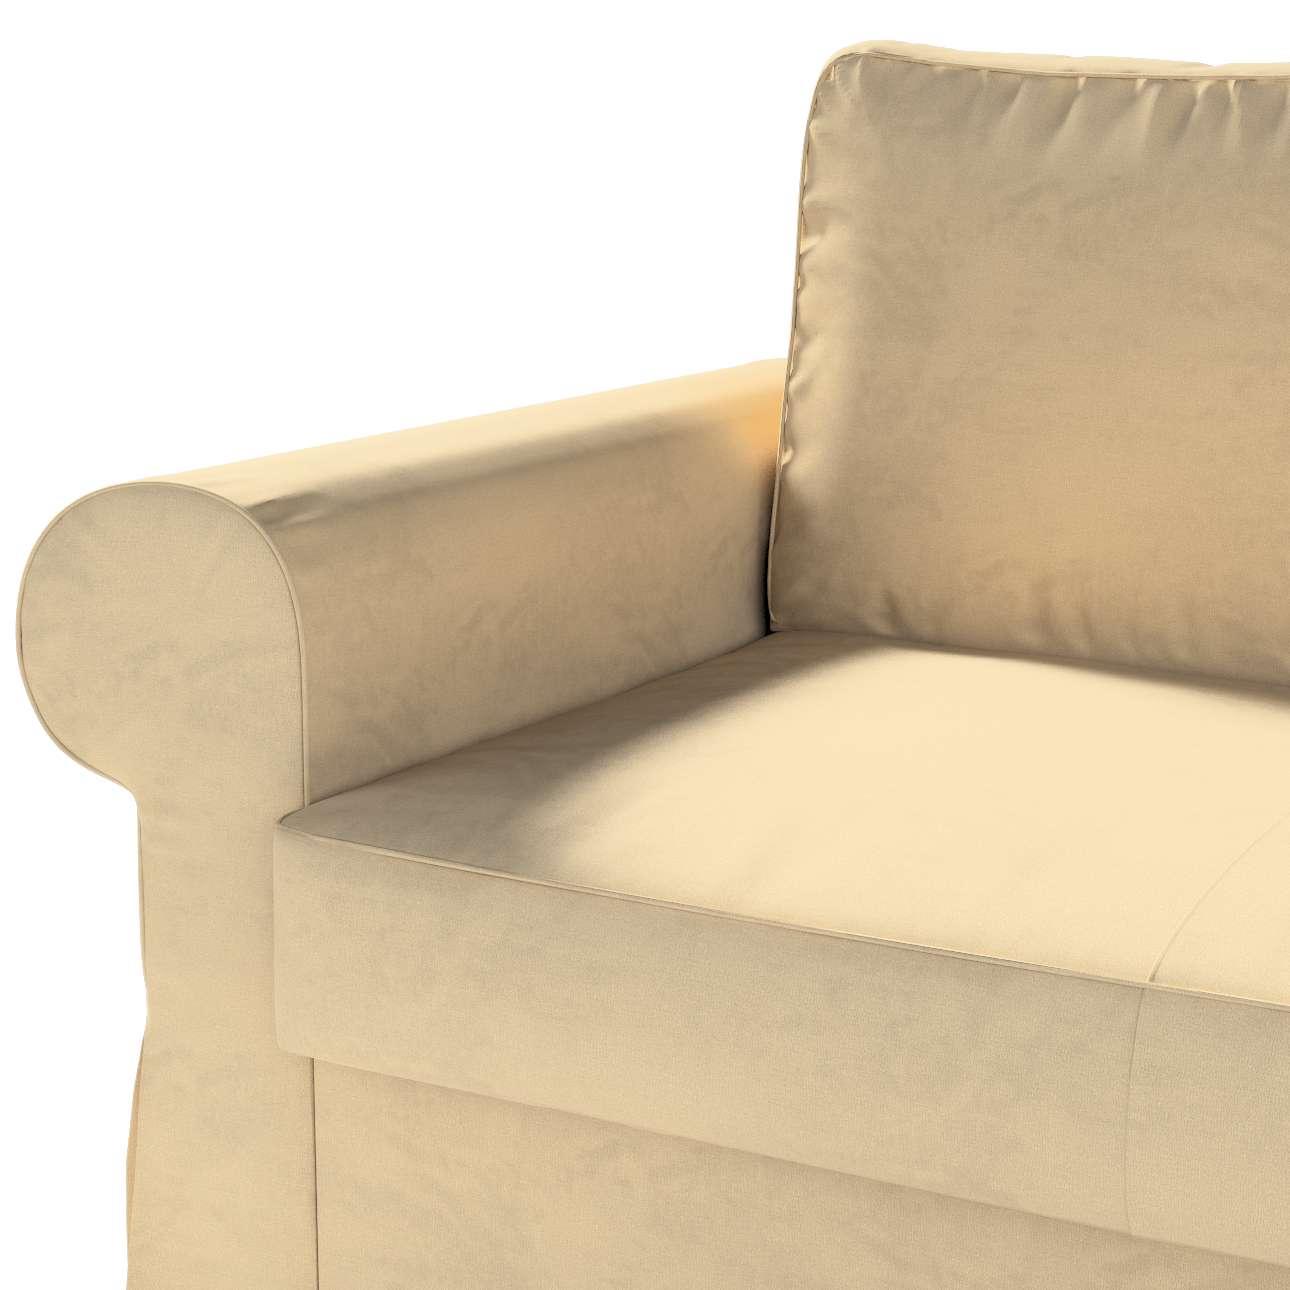 Pokrowiec na sofę Backabro 2-osobową rozkładaną w kolekcji Living II, tkanina: 160-82